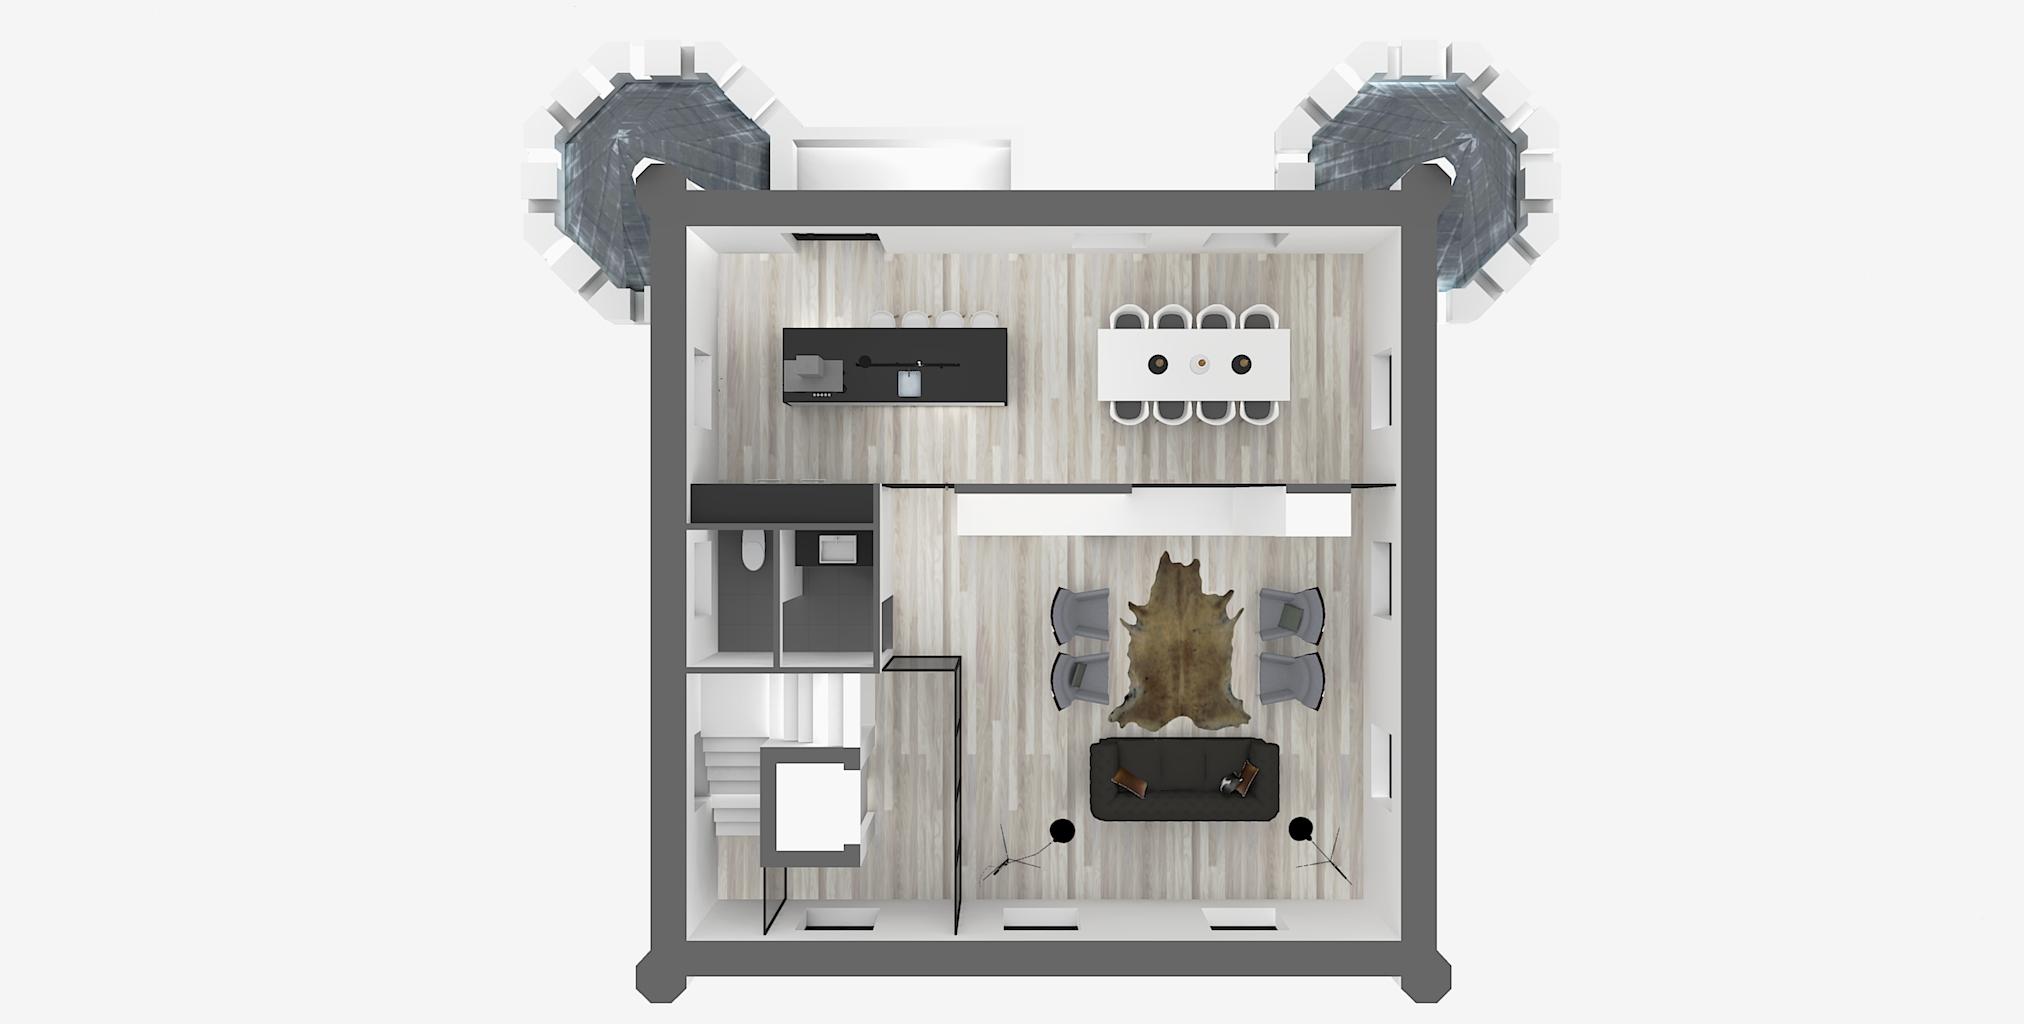 Castle3_3e Floor Plan 3D